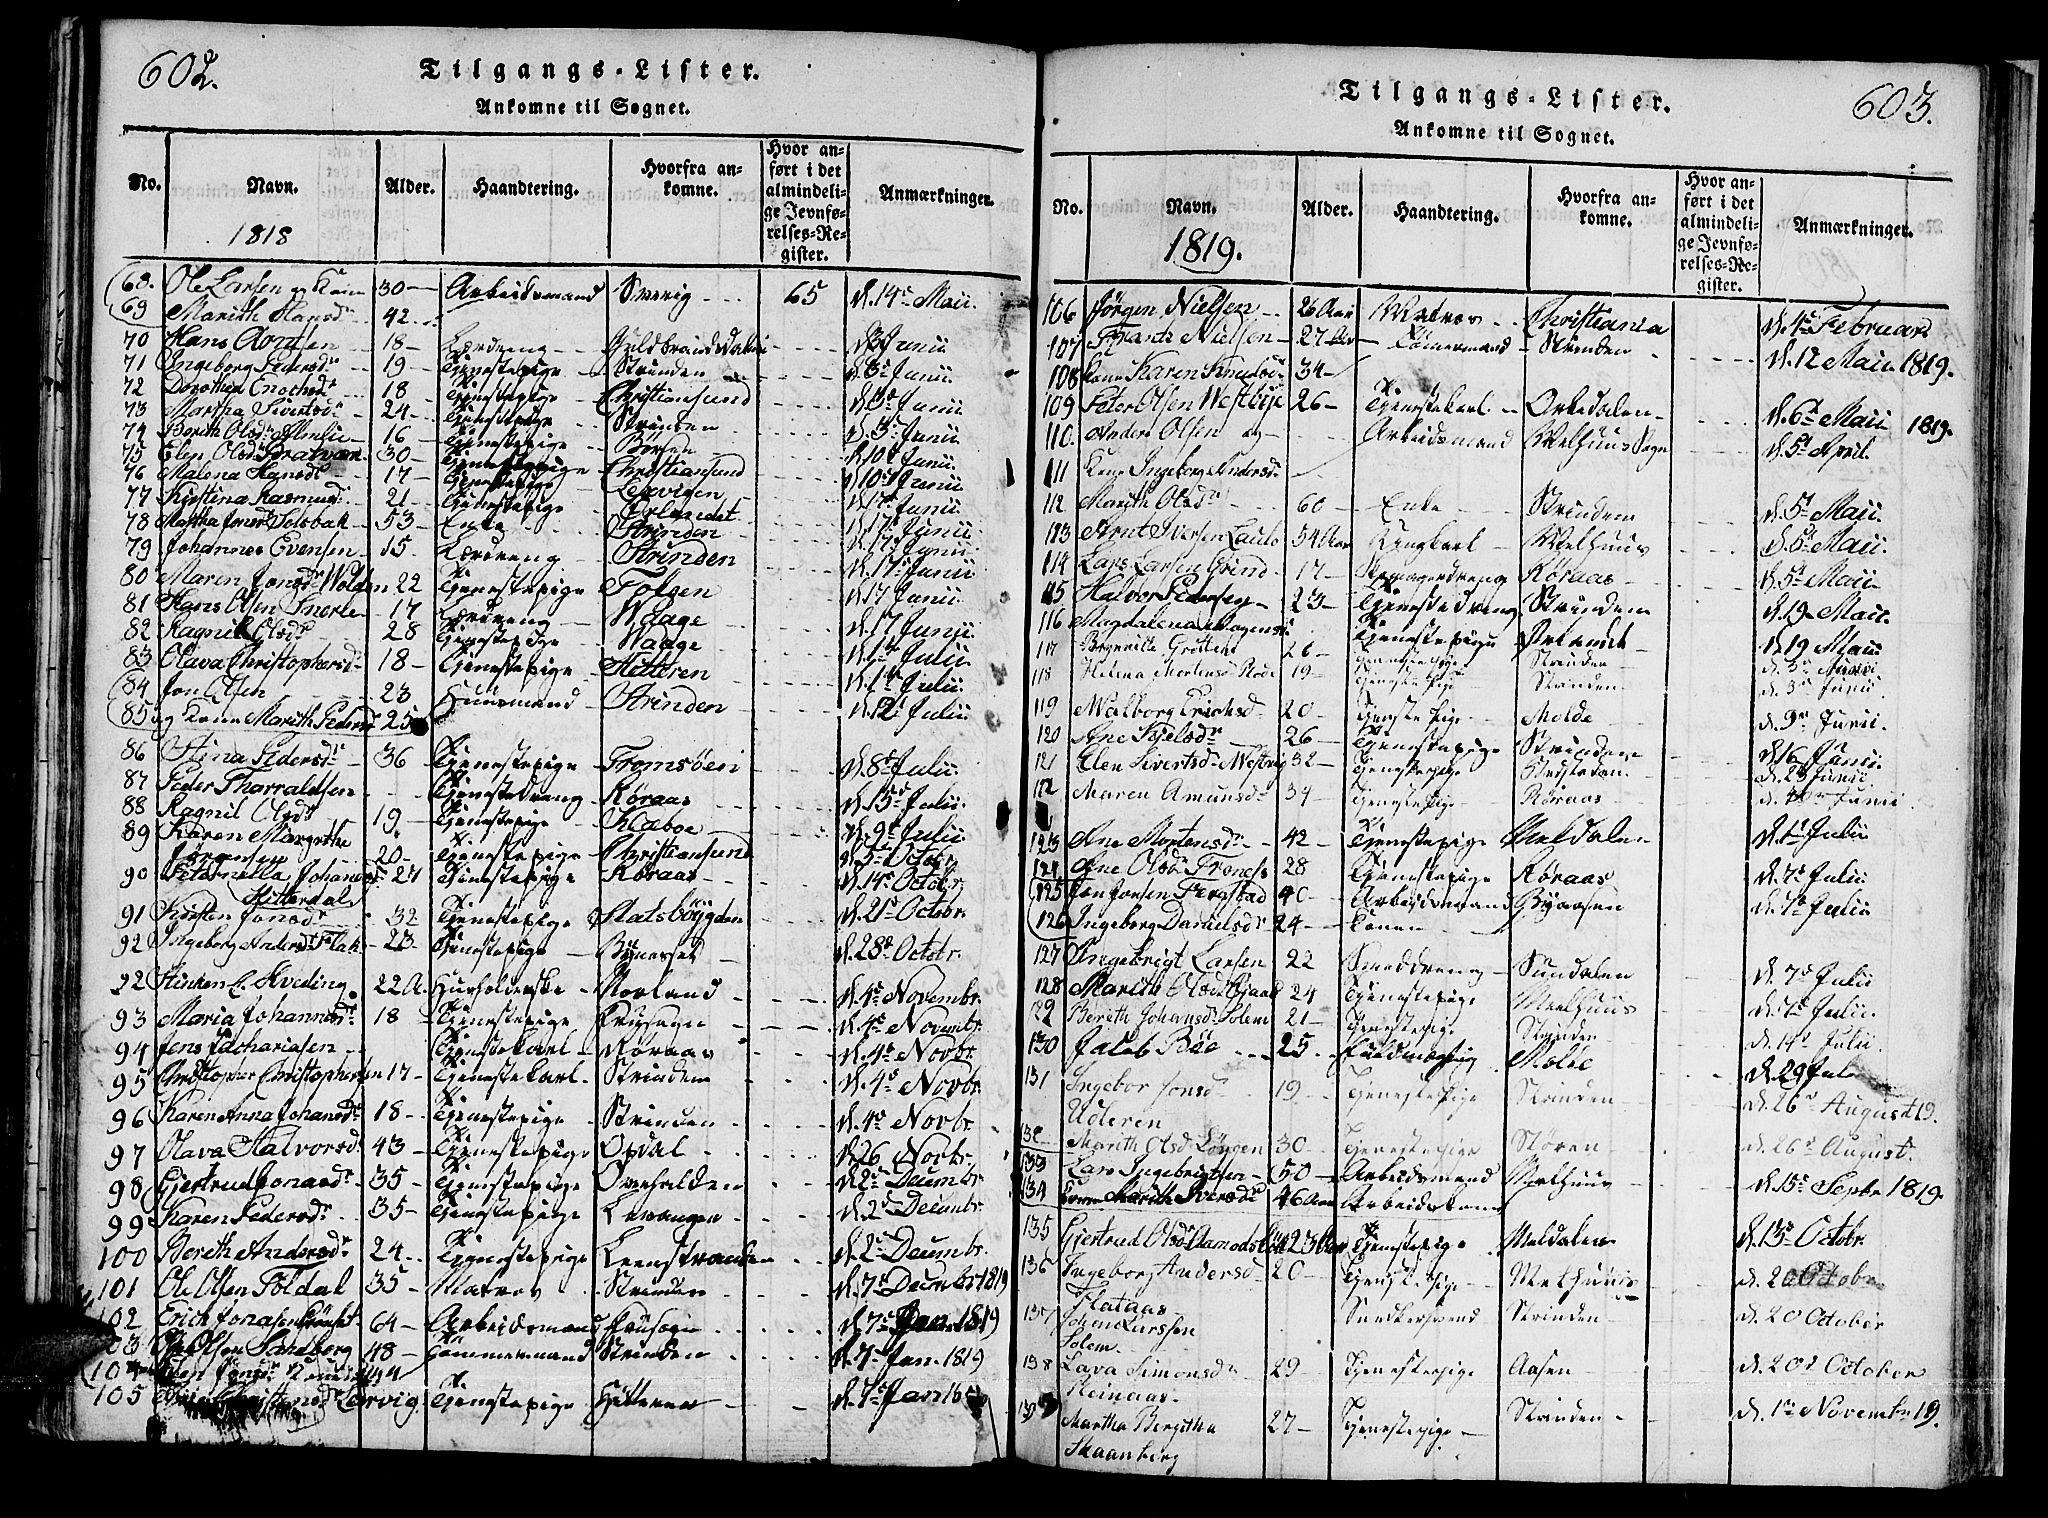 SAT, Ministerialprotokoller, klokkerbøker og fødselsregistre - Sør-Trøndelag, 601/L0043: Ministerialbok nr. 601A11, 1815-1821, s. 602-603